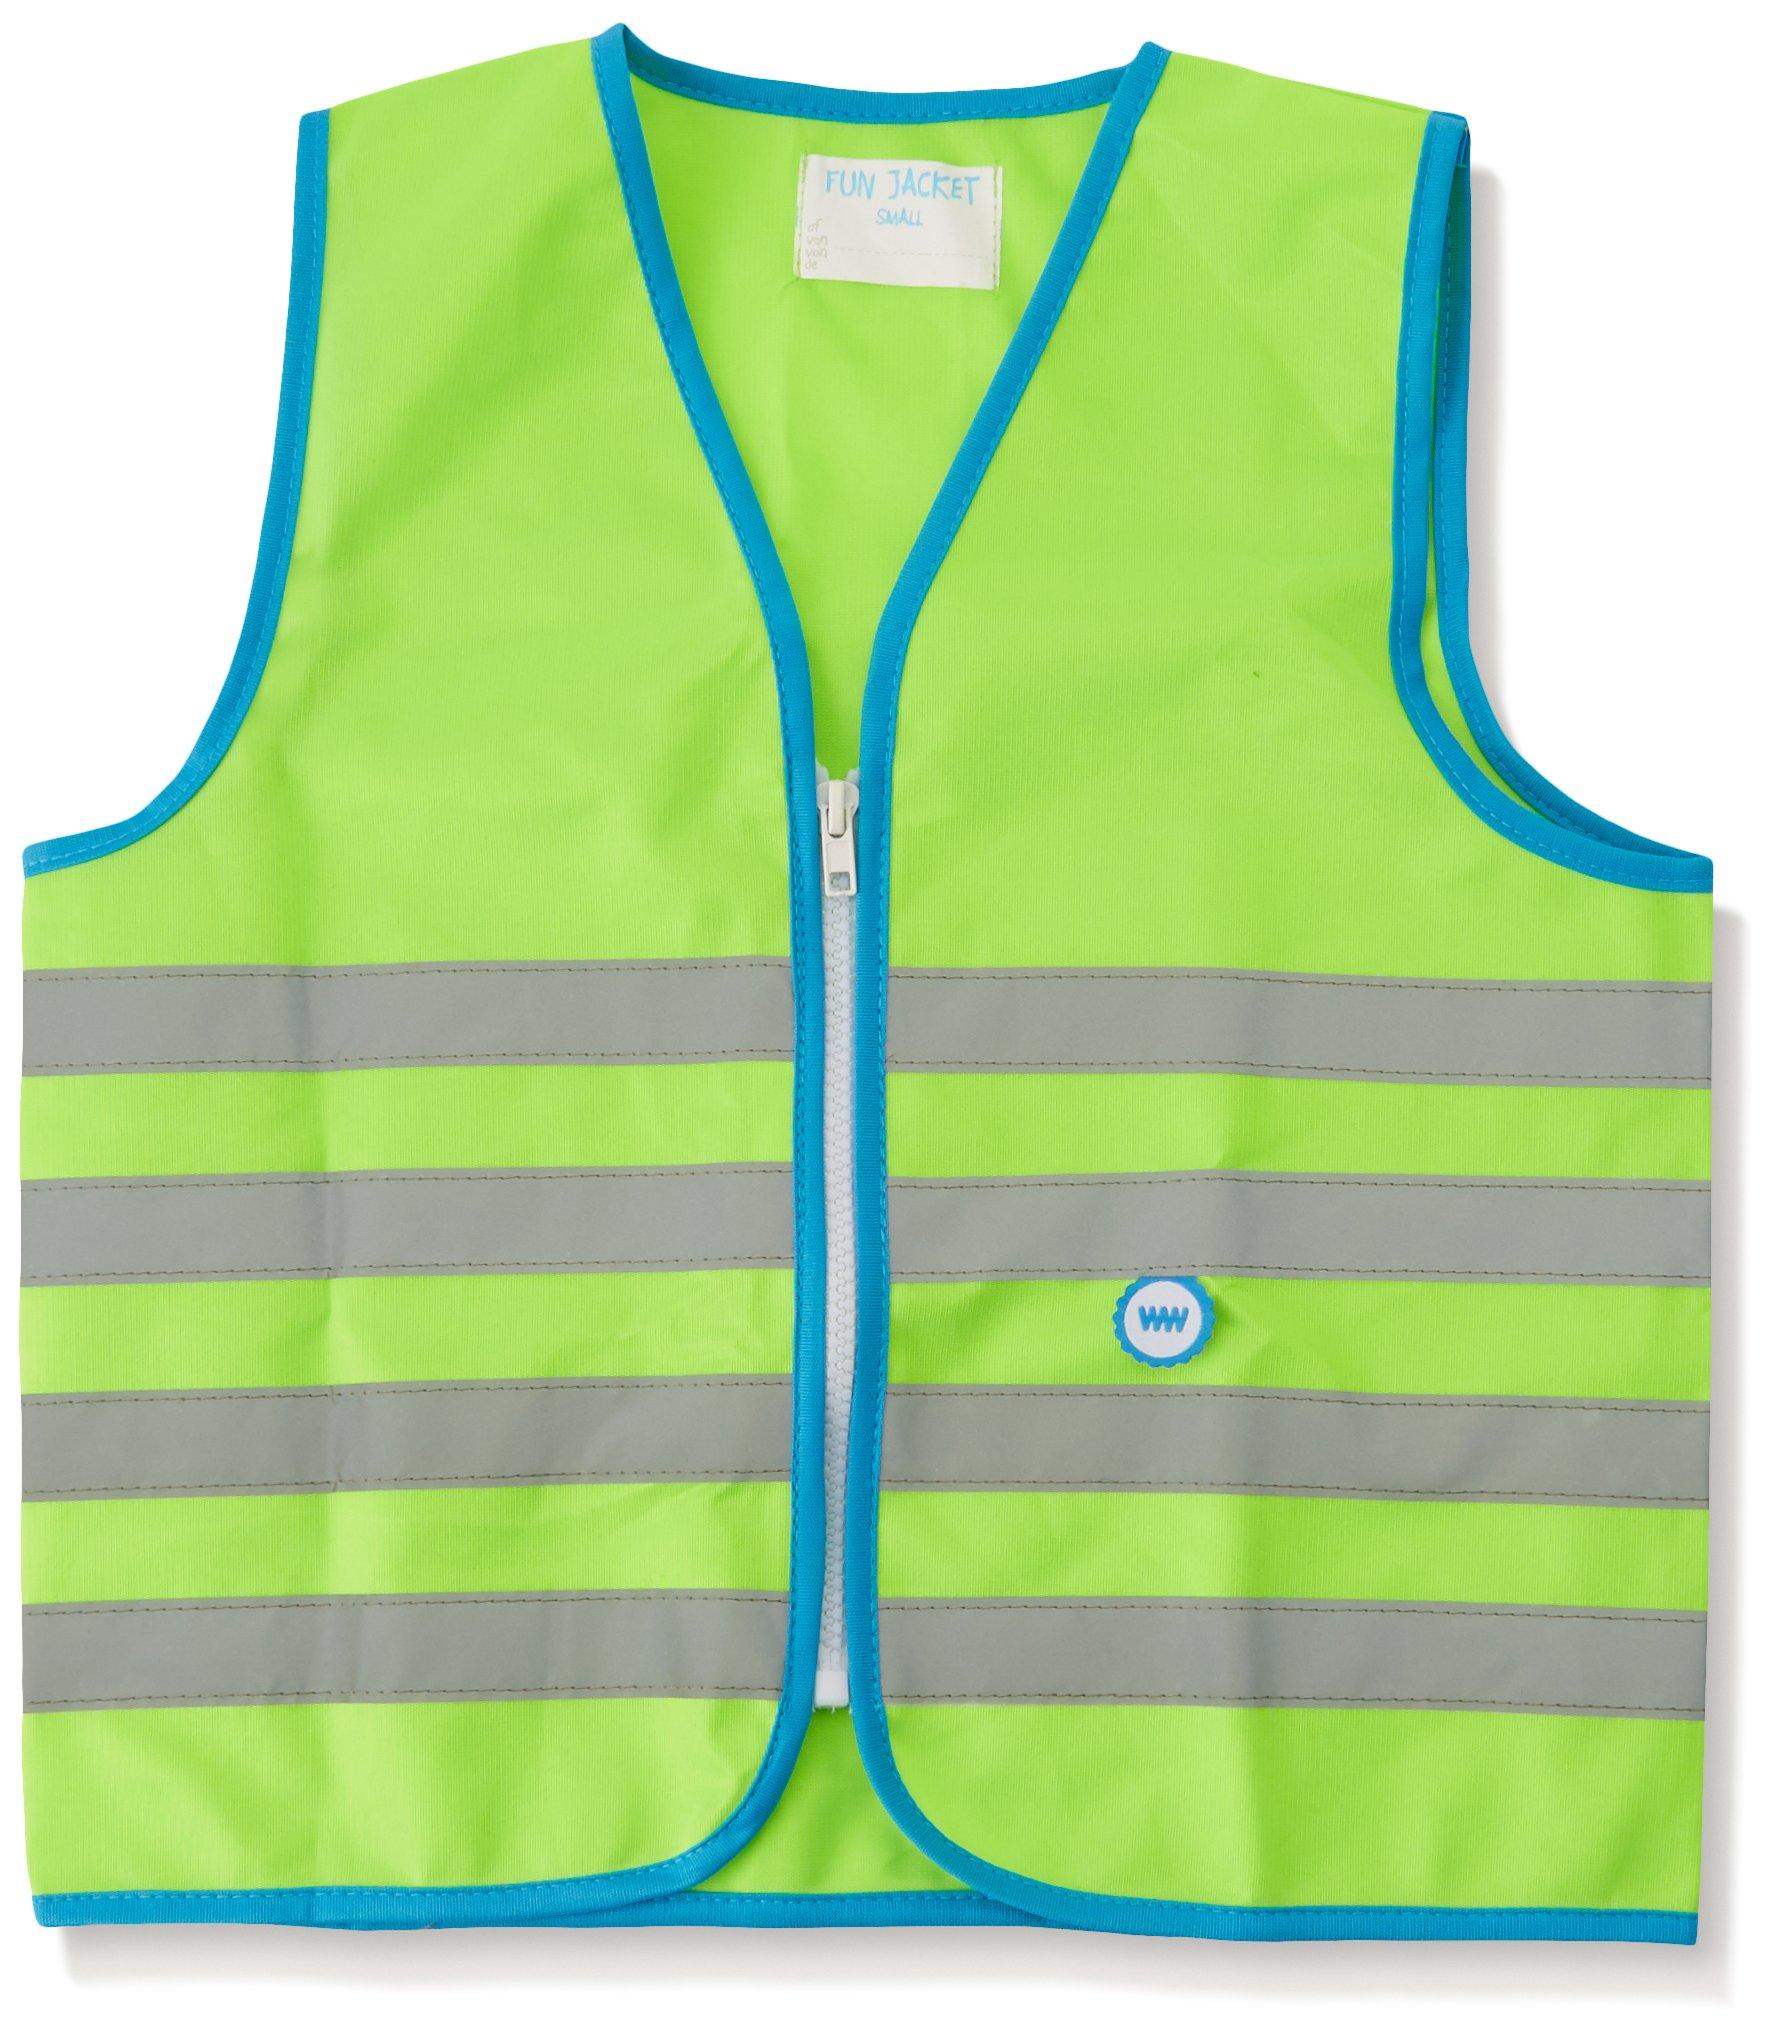 Wowow Fun-Warnweste für Kinder, grün fluoreszierend, Größe L (+10 J.)